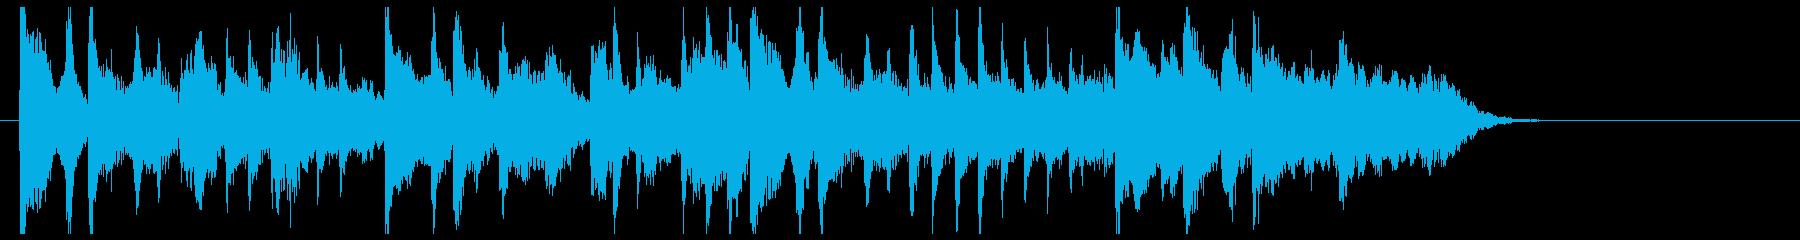 ラウンジサウンドのジングルの再生済みの波形